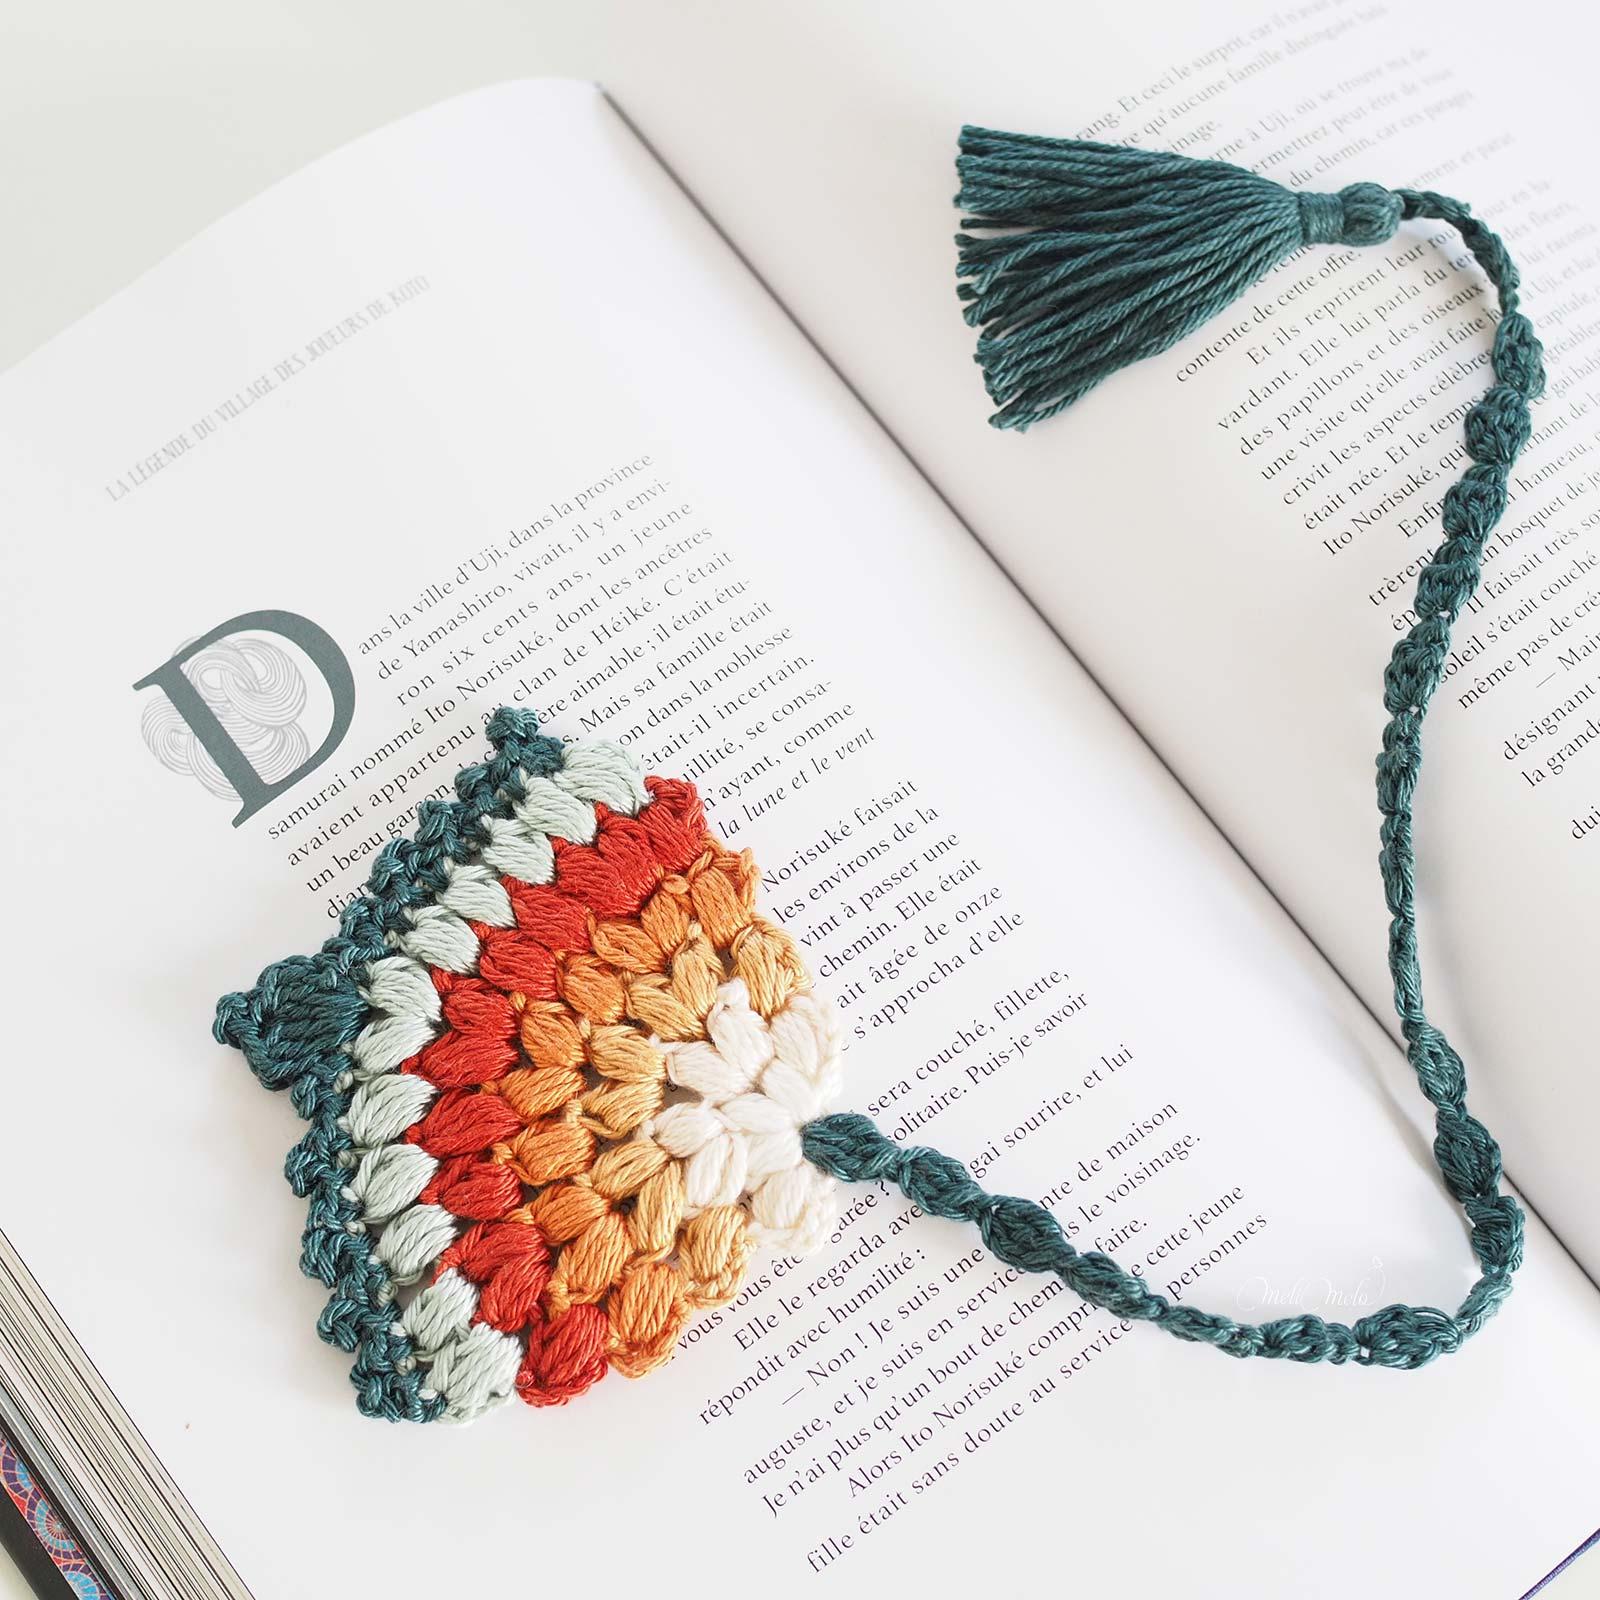 idee-cadeau-amoureux-lecture-marque-page-crochet-laboutiquedemelimelo